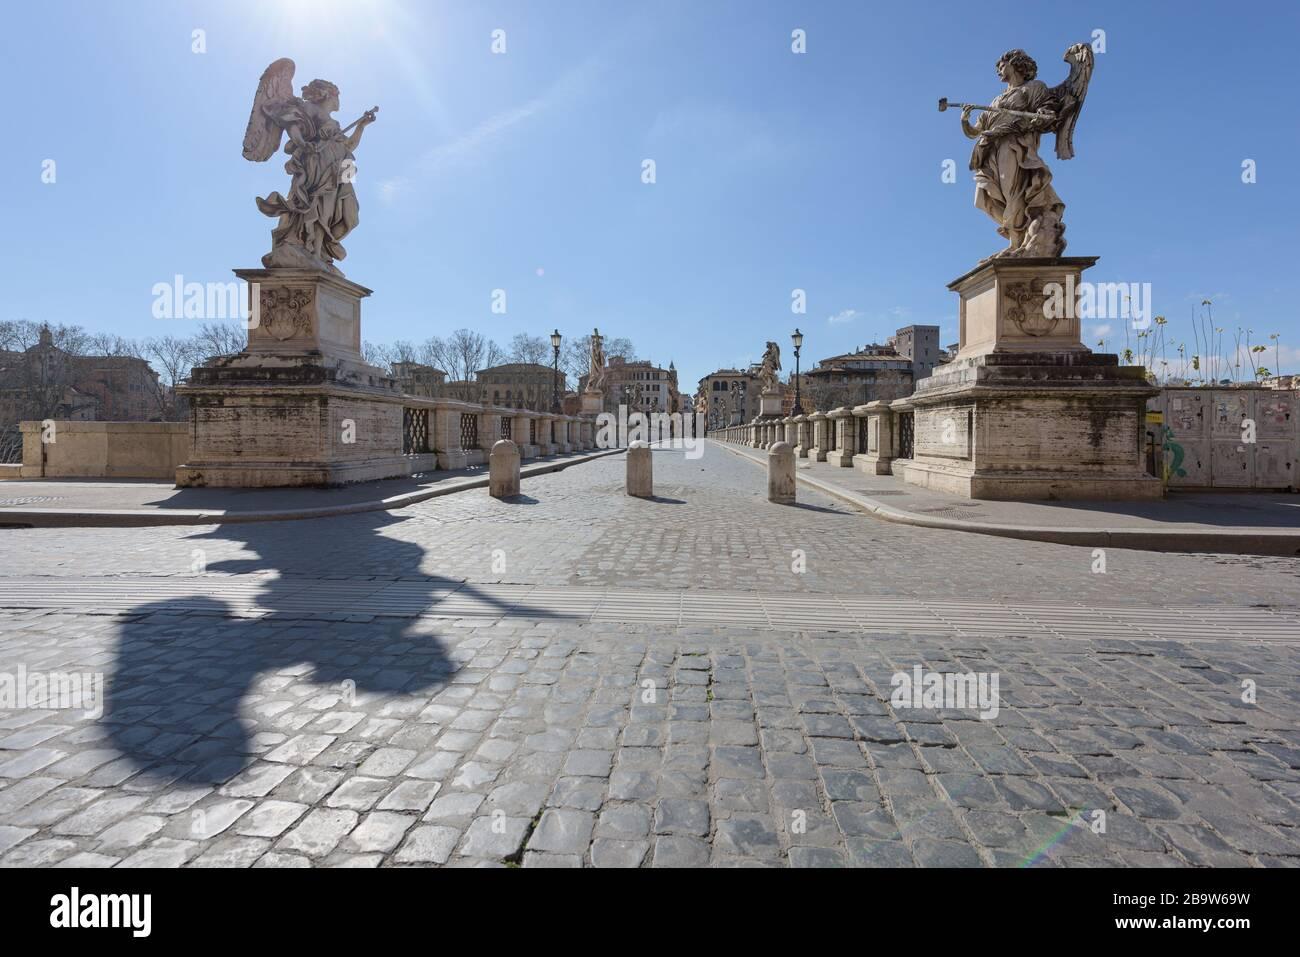 ROMA, ITALIA - 12 de marzo de 2020: El popular punto turístico del puente de San Angelo está ahora desierto, una rara vista en Roma, Italia. Hoy, la gove italiana Foto de stock